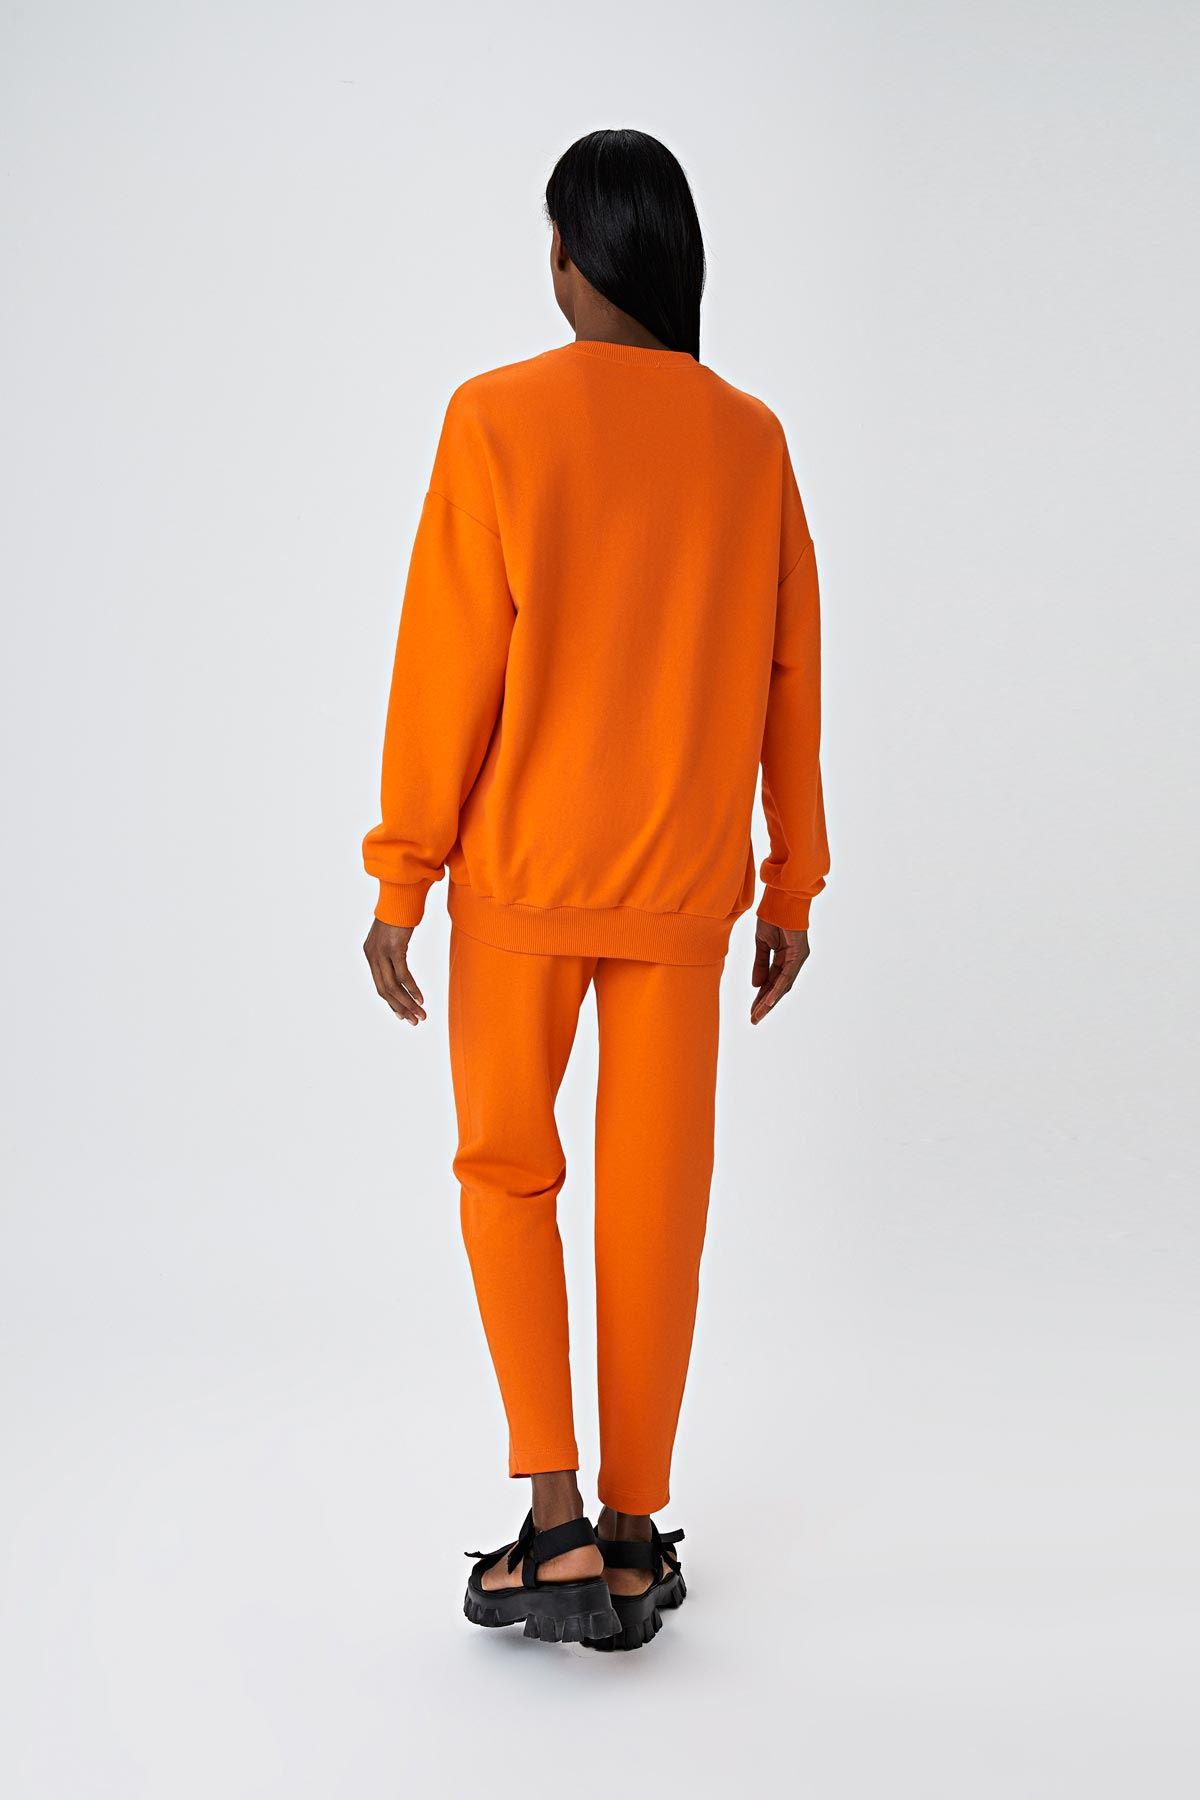 Slogan baskılı sweatshirt Oranj